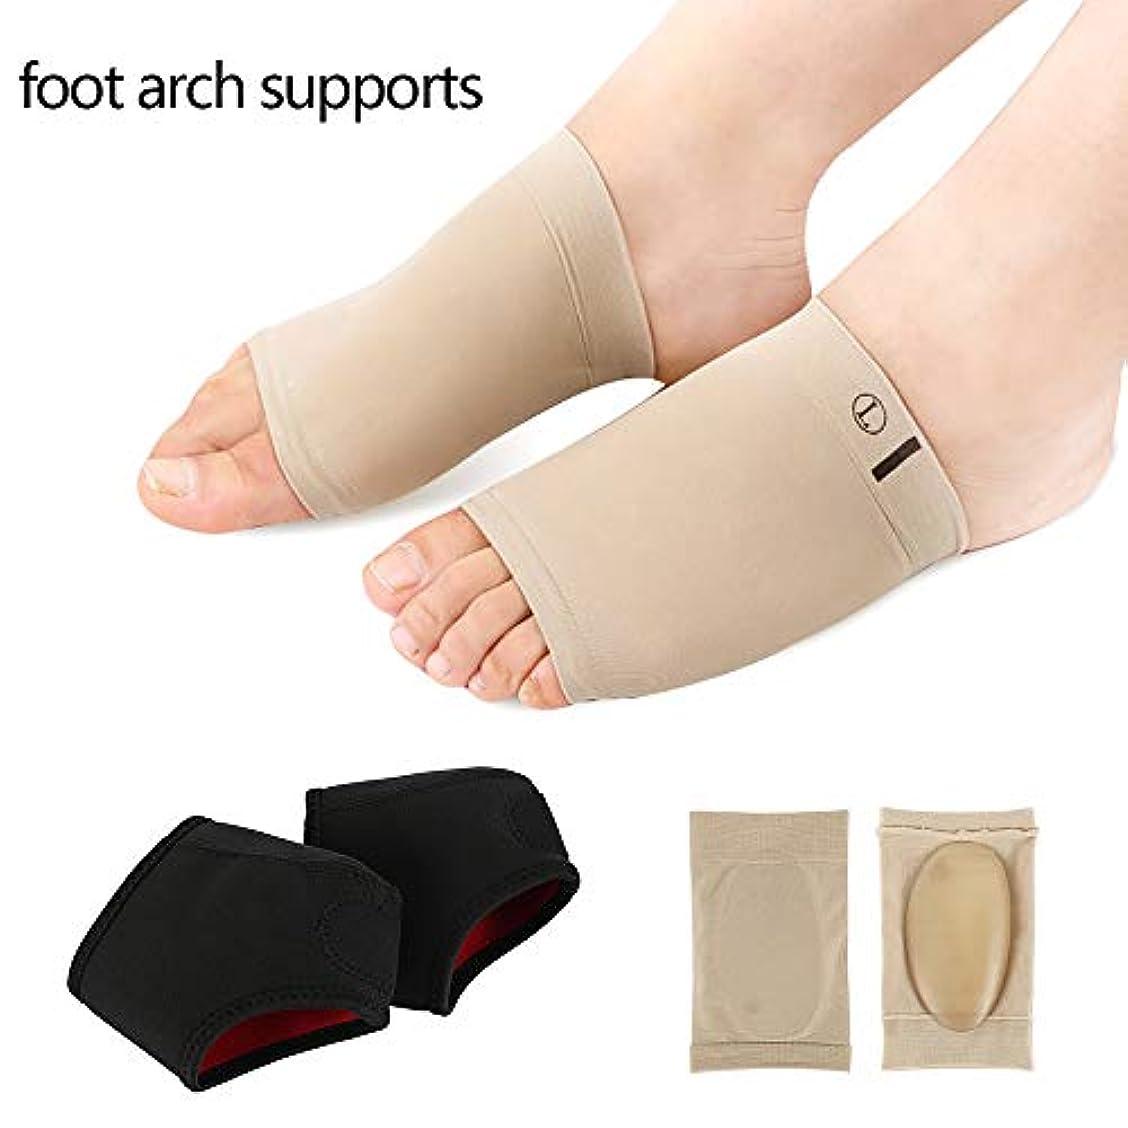 複雑でないお勧め統合Powanfity 足首ブレース 足底筋膜炎 足の痛み解消 サイズ調整可能 アーチサポーター シリコン素材 足の痛み防止 足裏 フリーサイズ 男女兼用